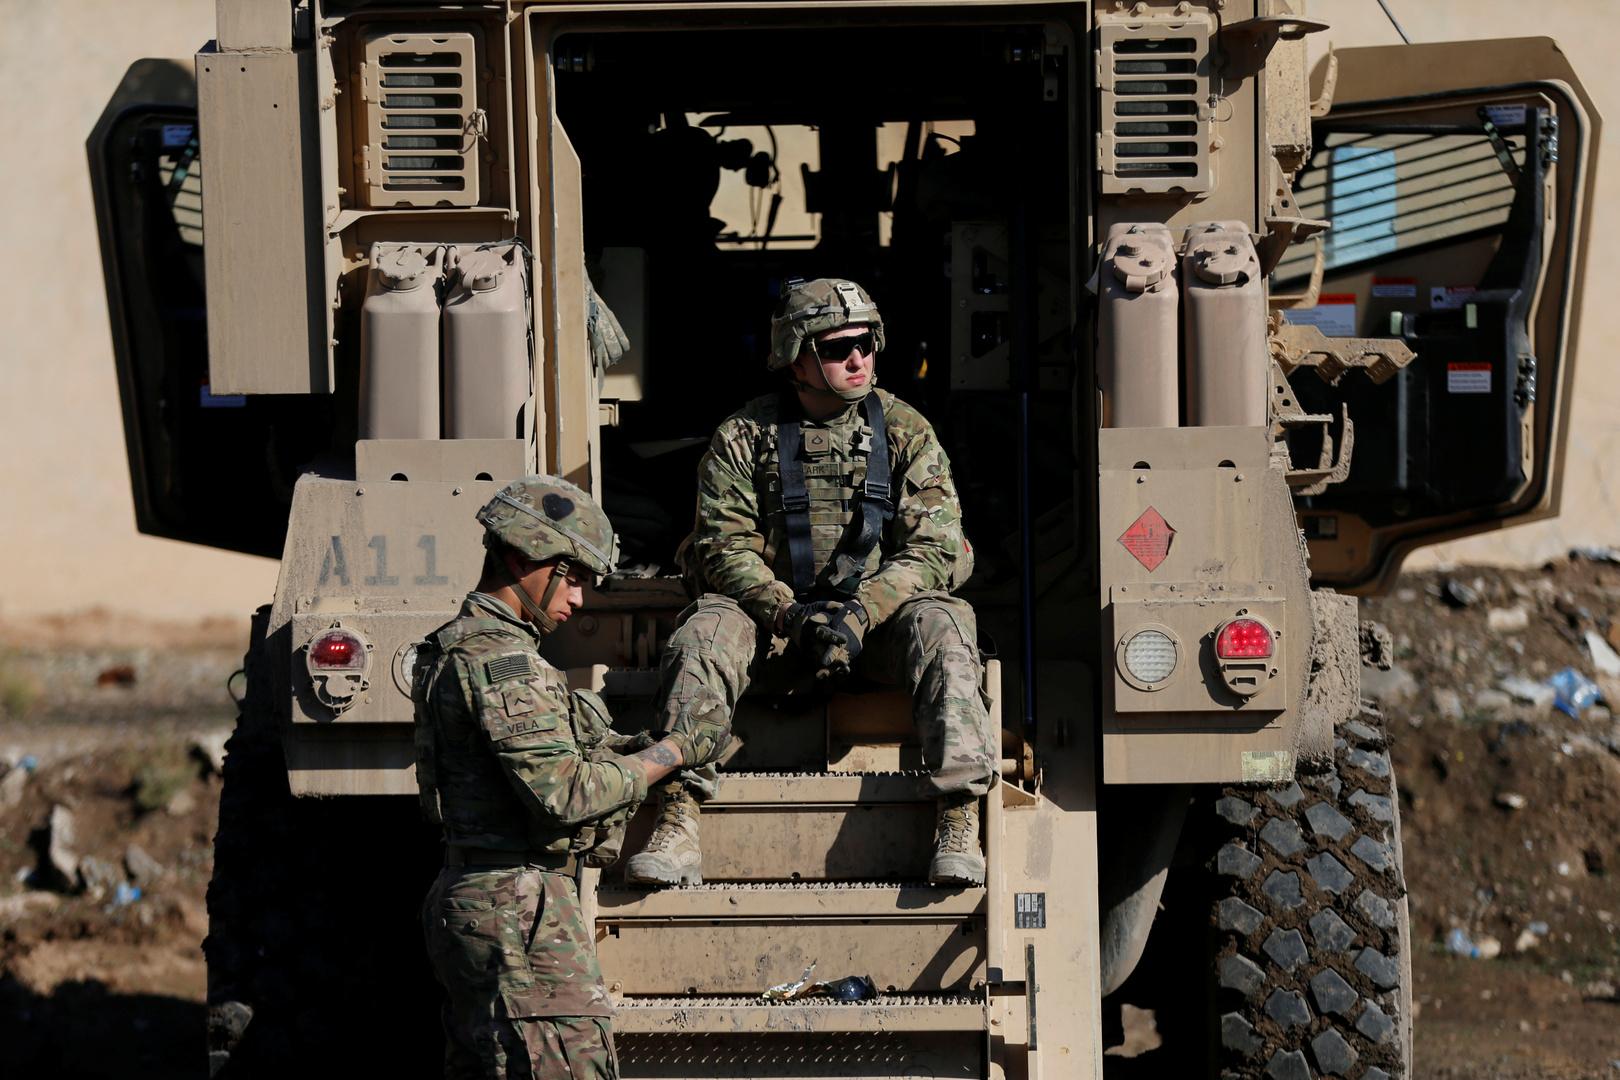 التحالف الدولي يعلن وقوع إصابات بين قواته بهجوم جديد في العراق